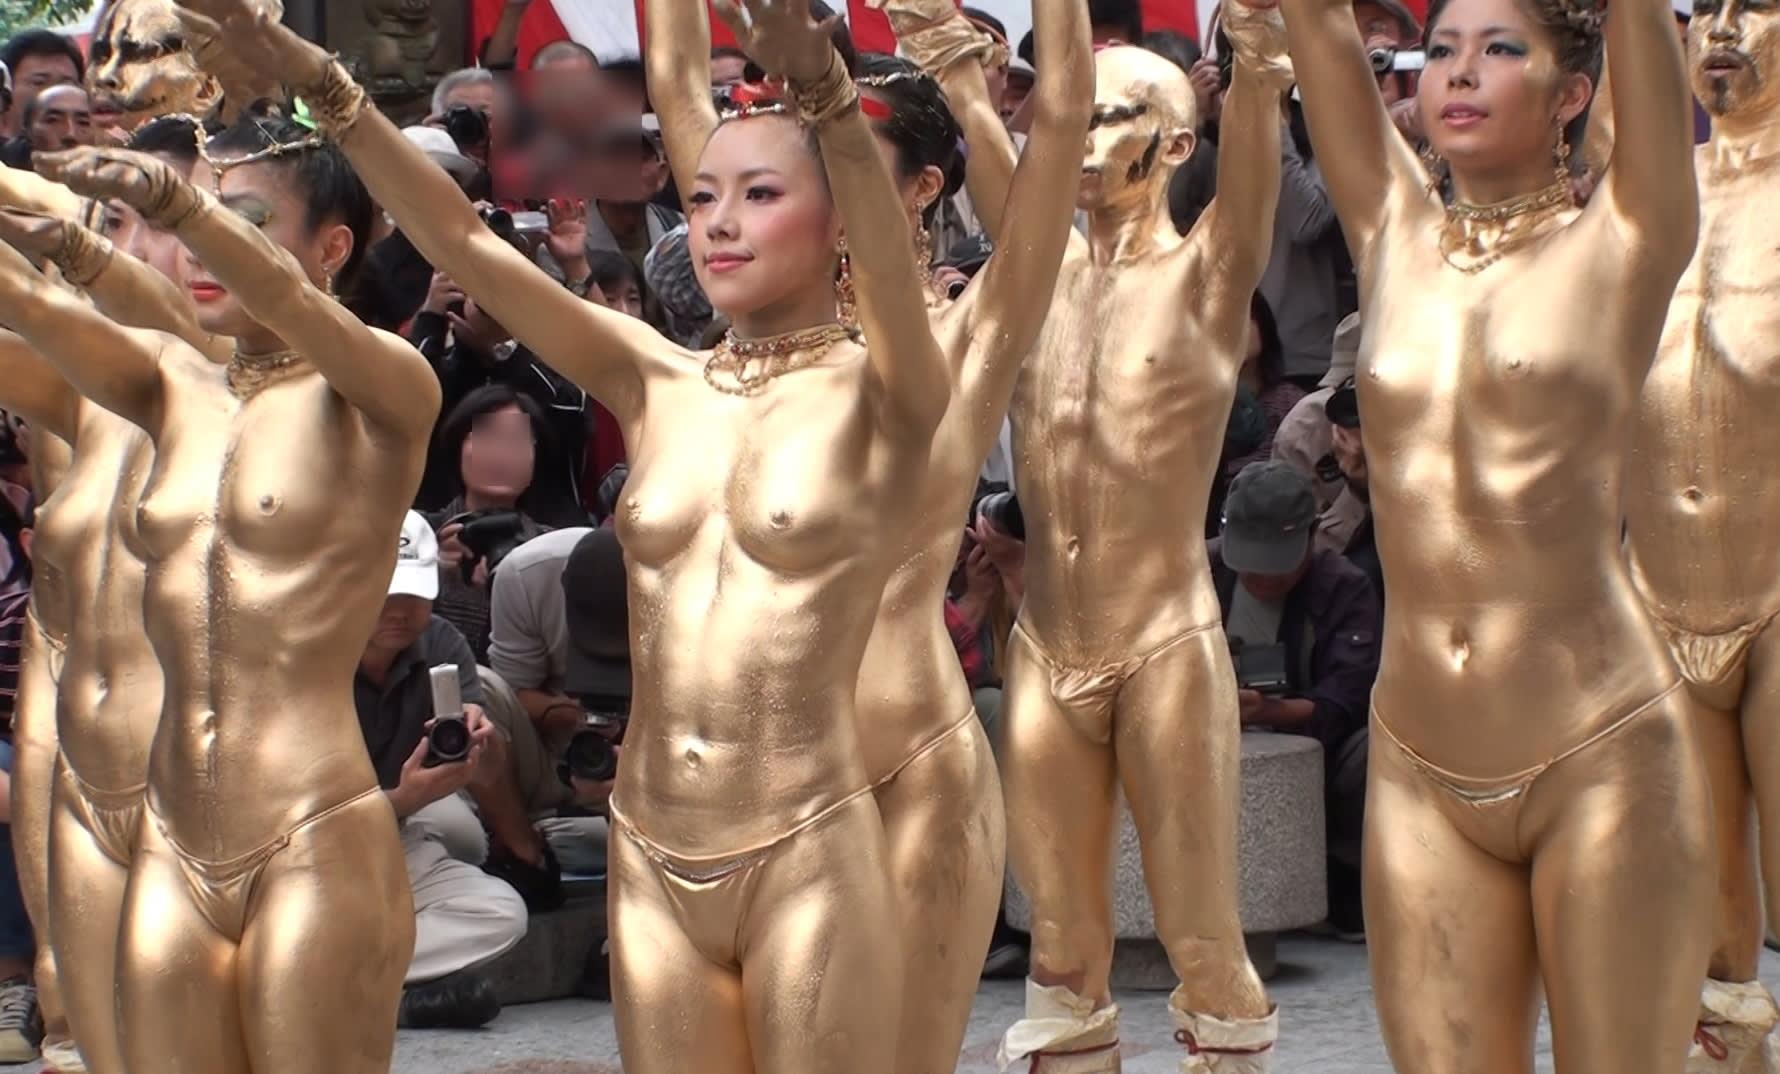 金粉ショー 盗撮 金粉ショー @ 大須大道町人祭 Oct 14 2012 #94